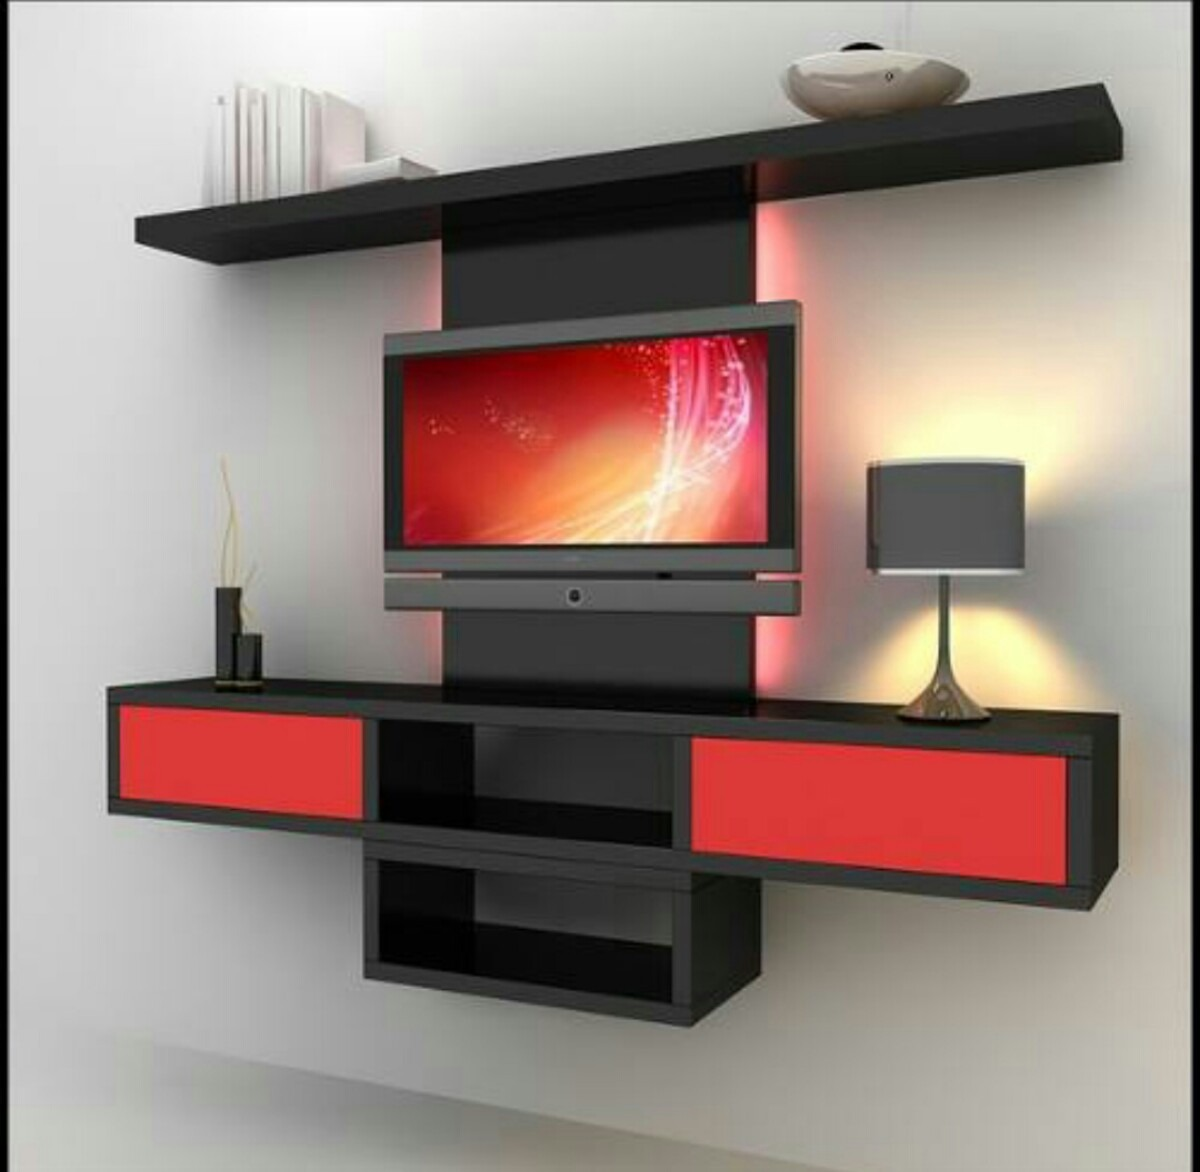 Centro de entretenimiento tv mdf modernos bs 35 00 en - Modern showcase designs for living room ...